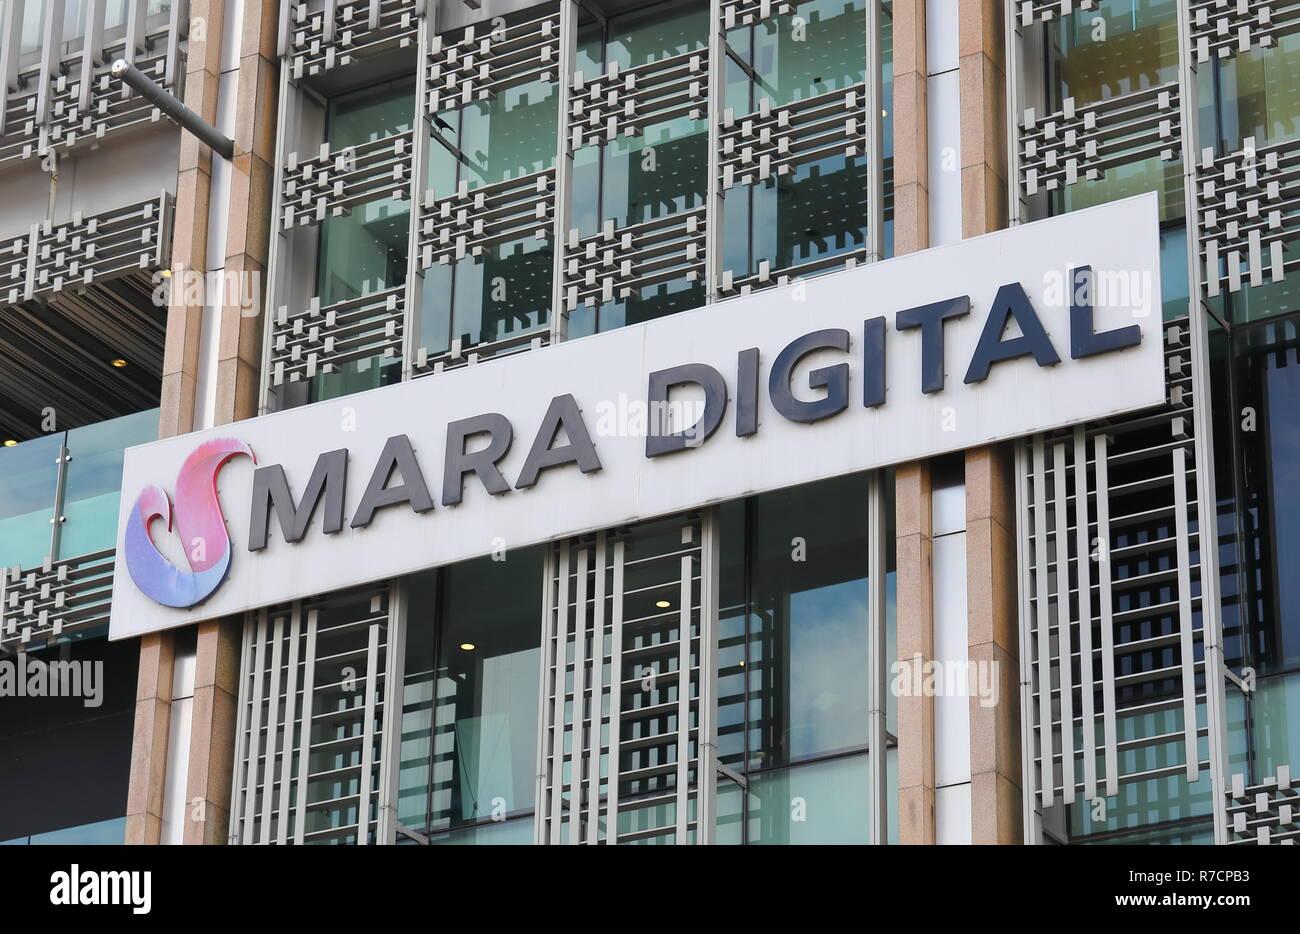 Mara Digital Shopping Mall In Kuala Lumpur Malaysia Stock Photo